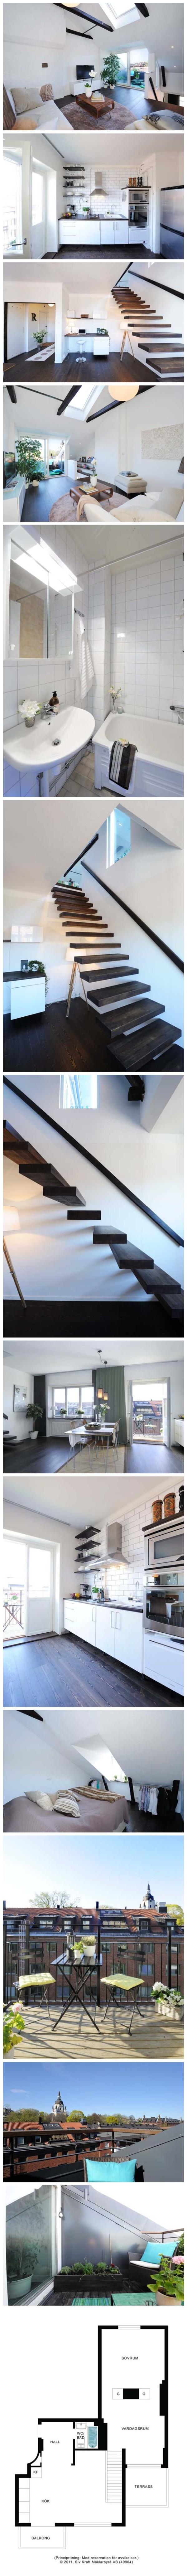 """这间公寓的狭小空间对于充实的生活来说并不是障碍。舒适和自然的色彩遍布在65平方米的空间当中,公寓有两层楼。这间公寓位于斯德哥尔摩的中心地带,称为Södermalm。 按照其目前拥有者的描述:""""也许这是斯德哥尔摩最好的单身公寓了""""。 顶楼公寓有一个阳台和一个露台,这里可以提供斯德哥尔摩阳光下美丽而又安静的时刻。室内设计简约,只用了几件重要家具来营造舒适,温馨的氛围。 白色的墙壁突出了简约的用来装饰小户型的斯堪的纳维亚风格。在楼下,通过照进自然光的厨房和用餐区的大窗户,可以俯瞰整个庭院。"""